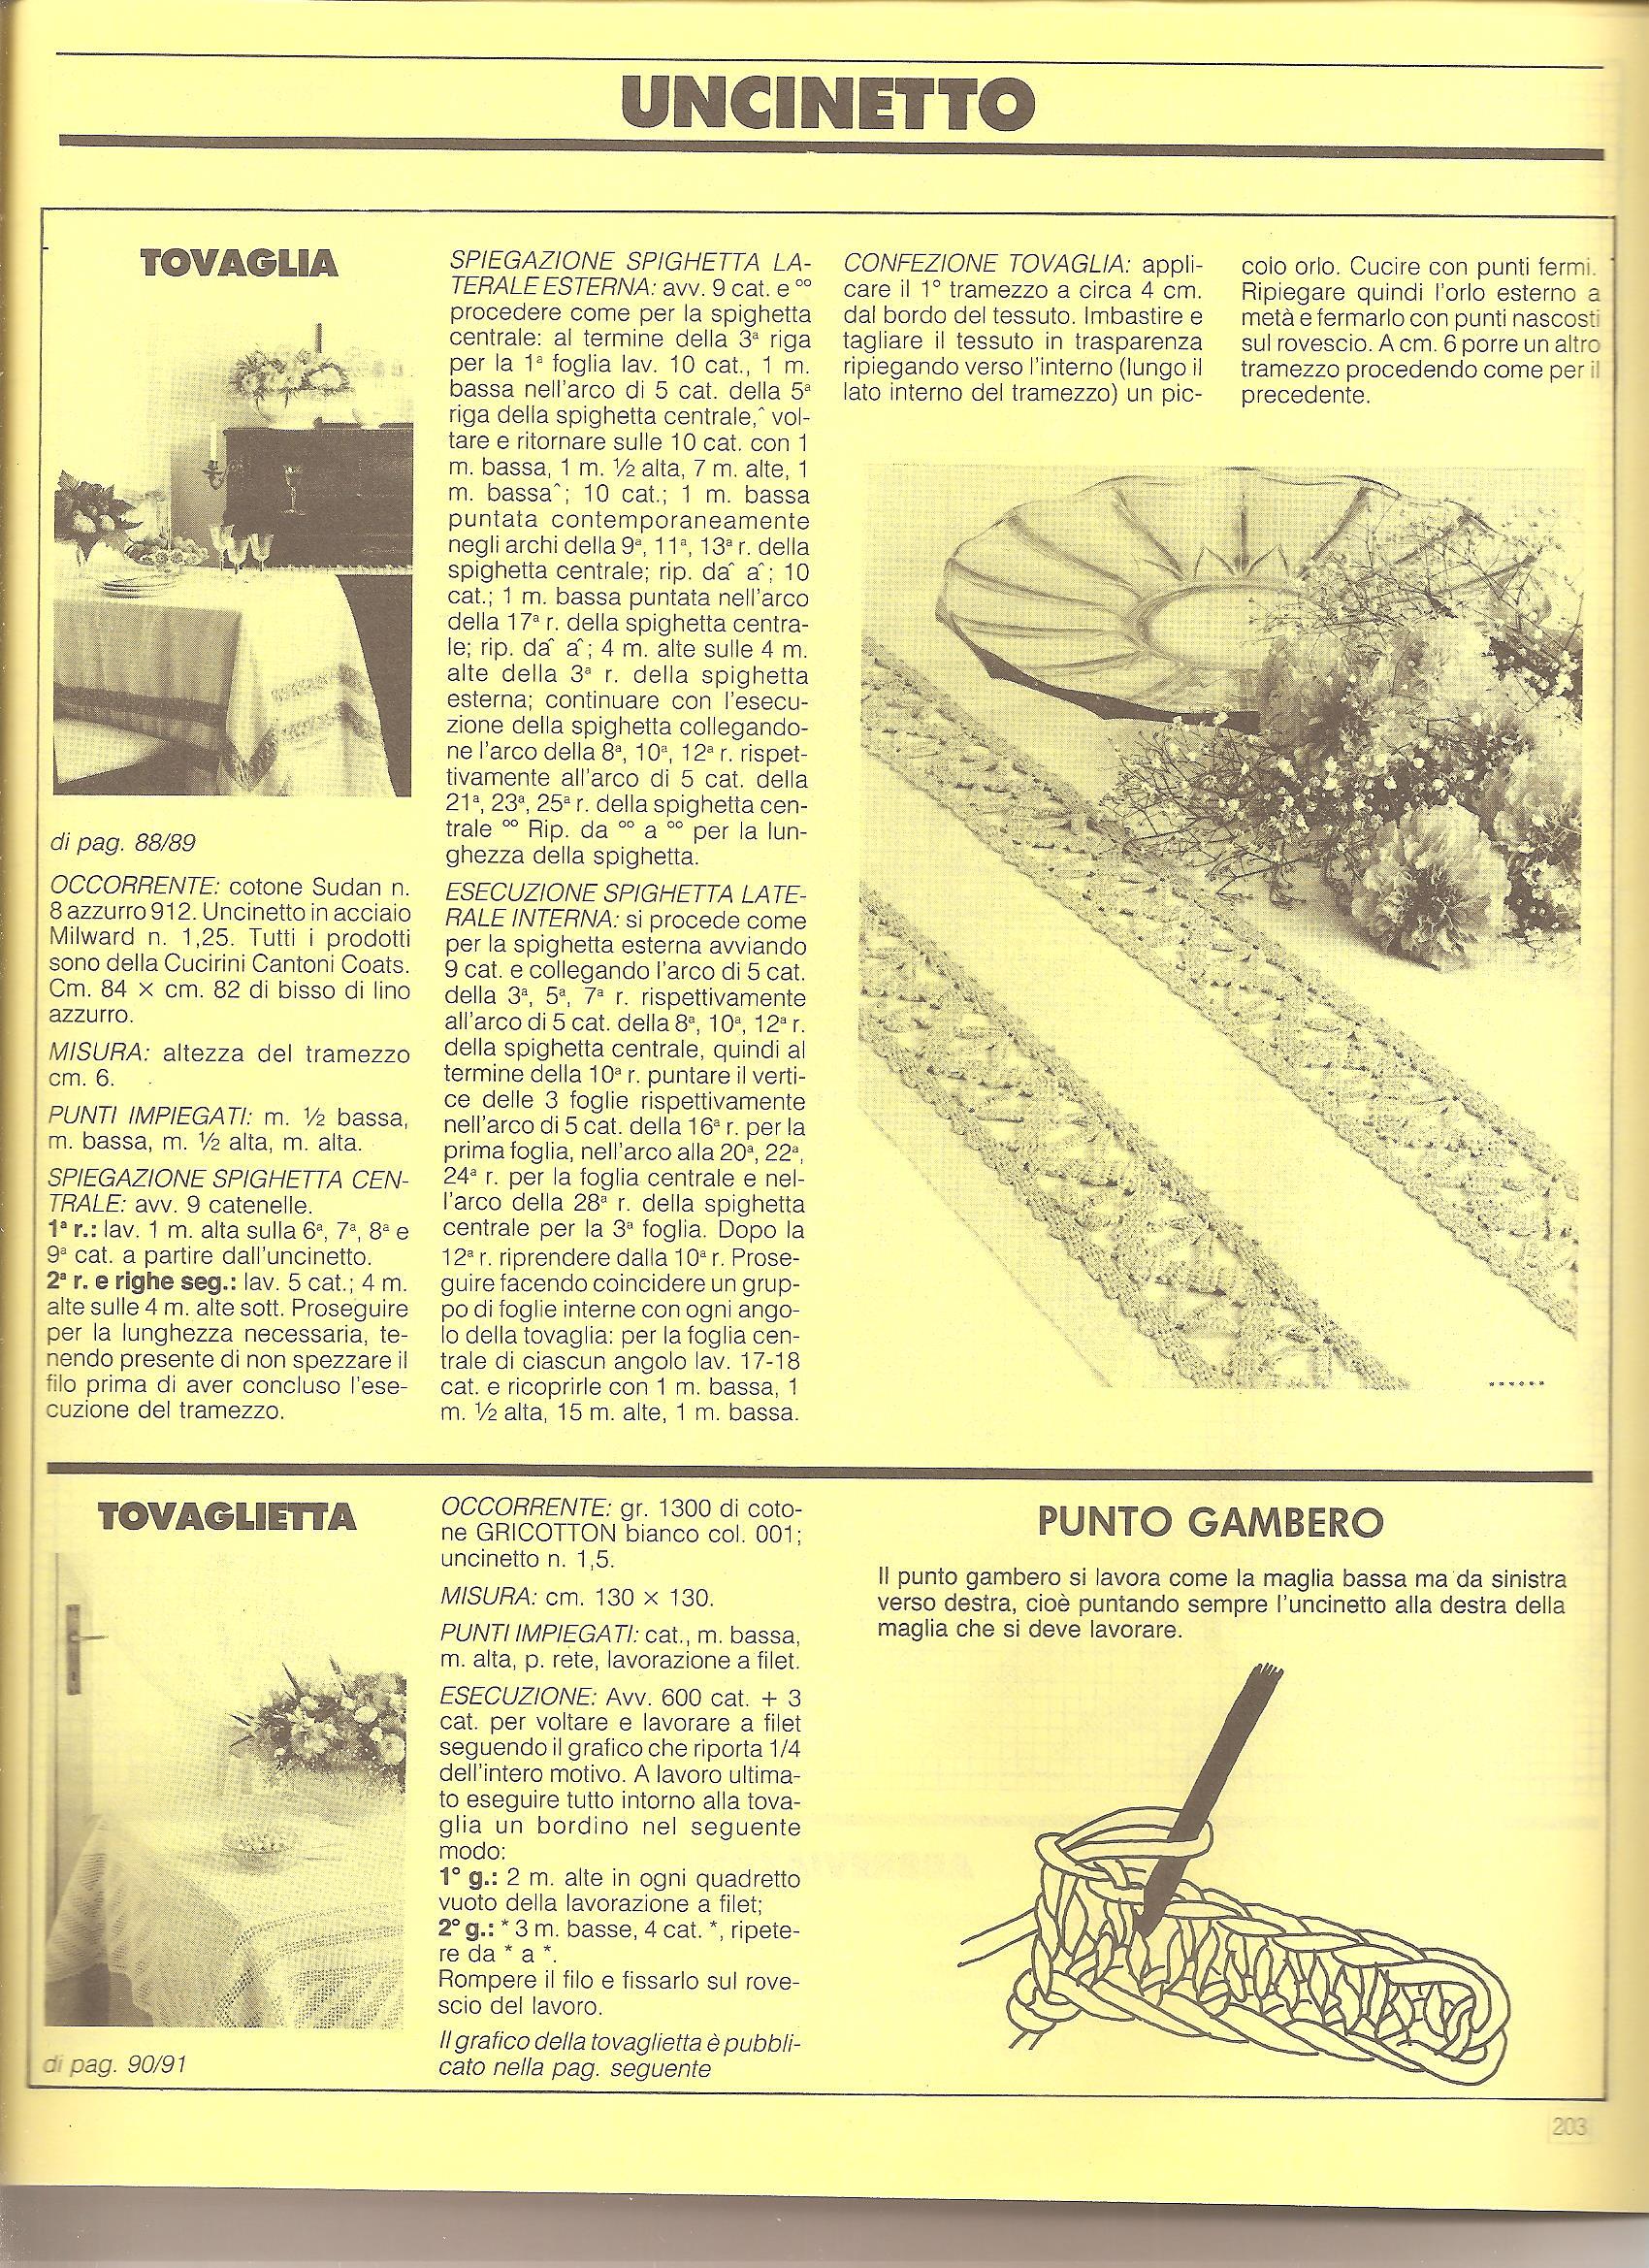 Tovaglia filet semplice geometrica 3 for Schemi tovaglie uncinetto filet